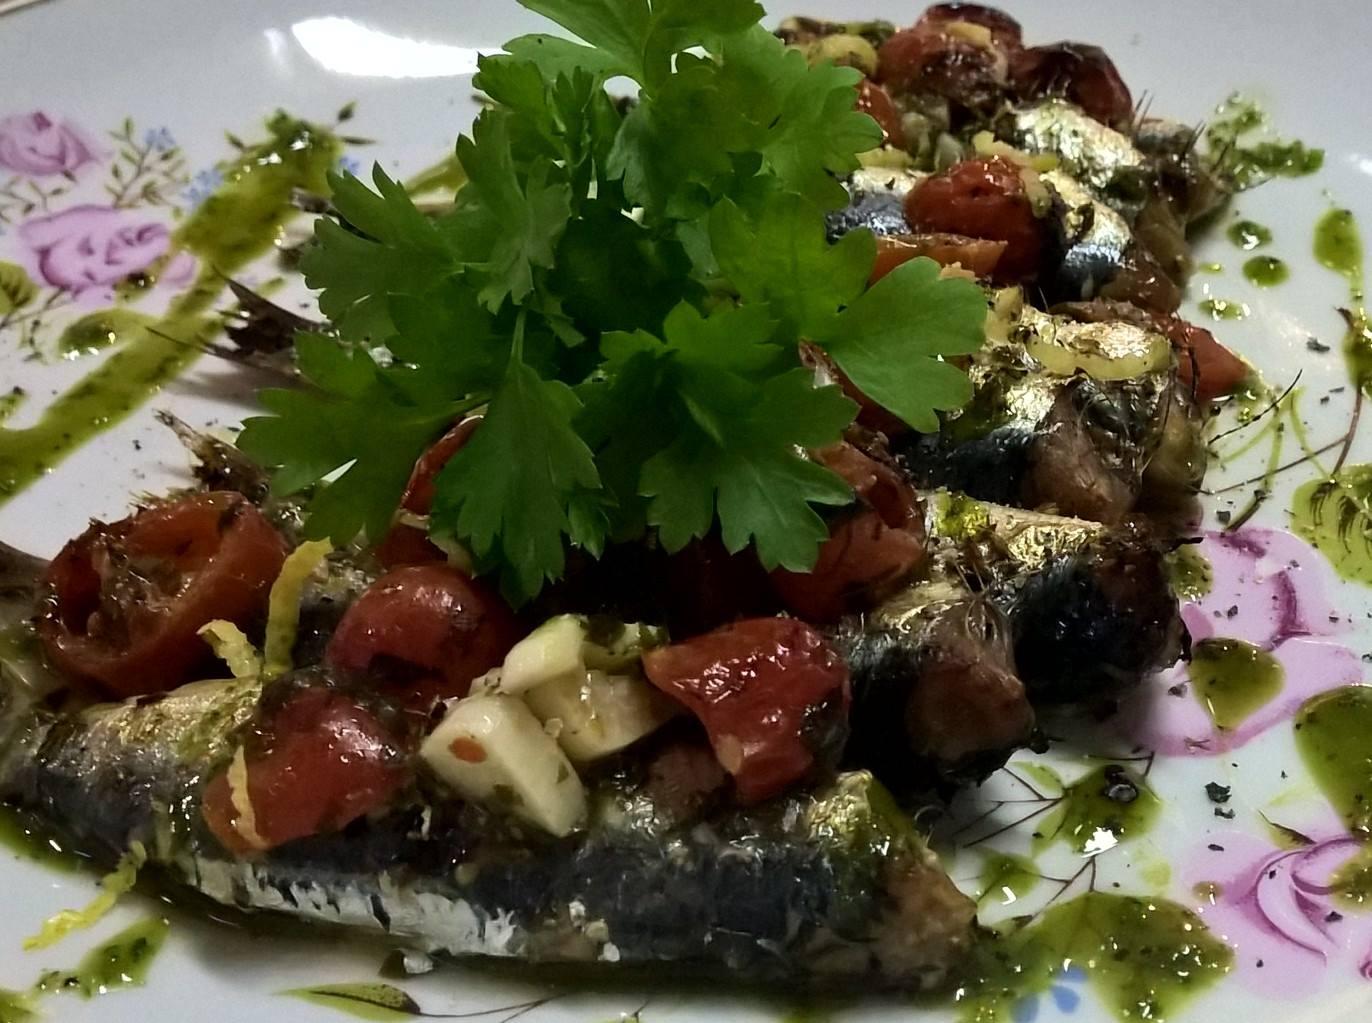 Evdemon sardines